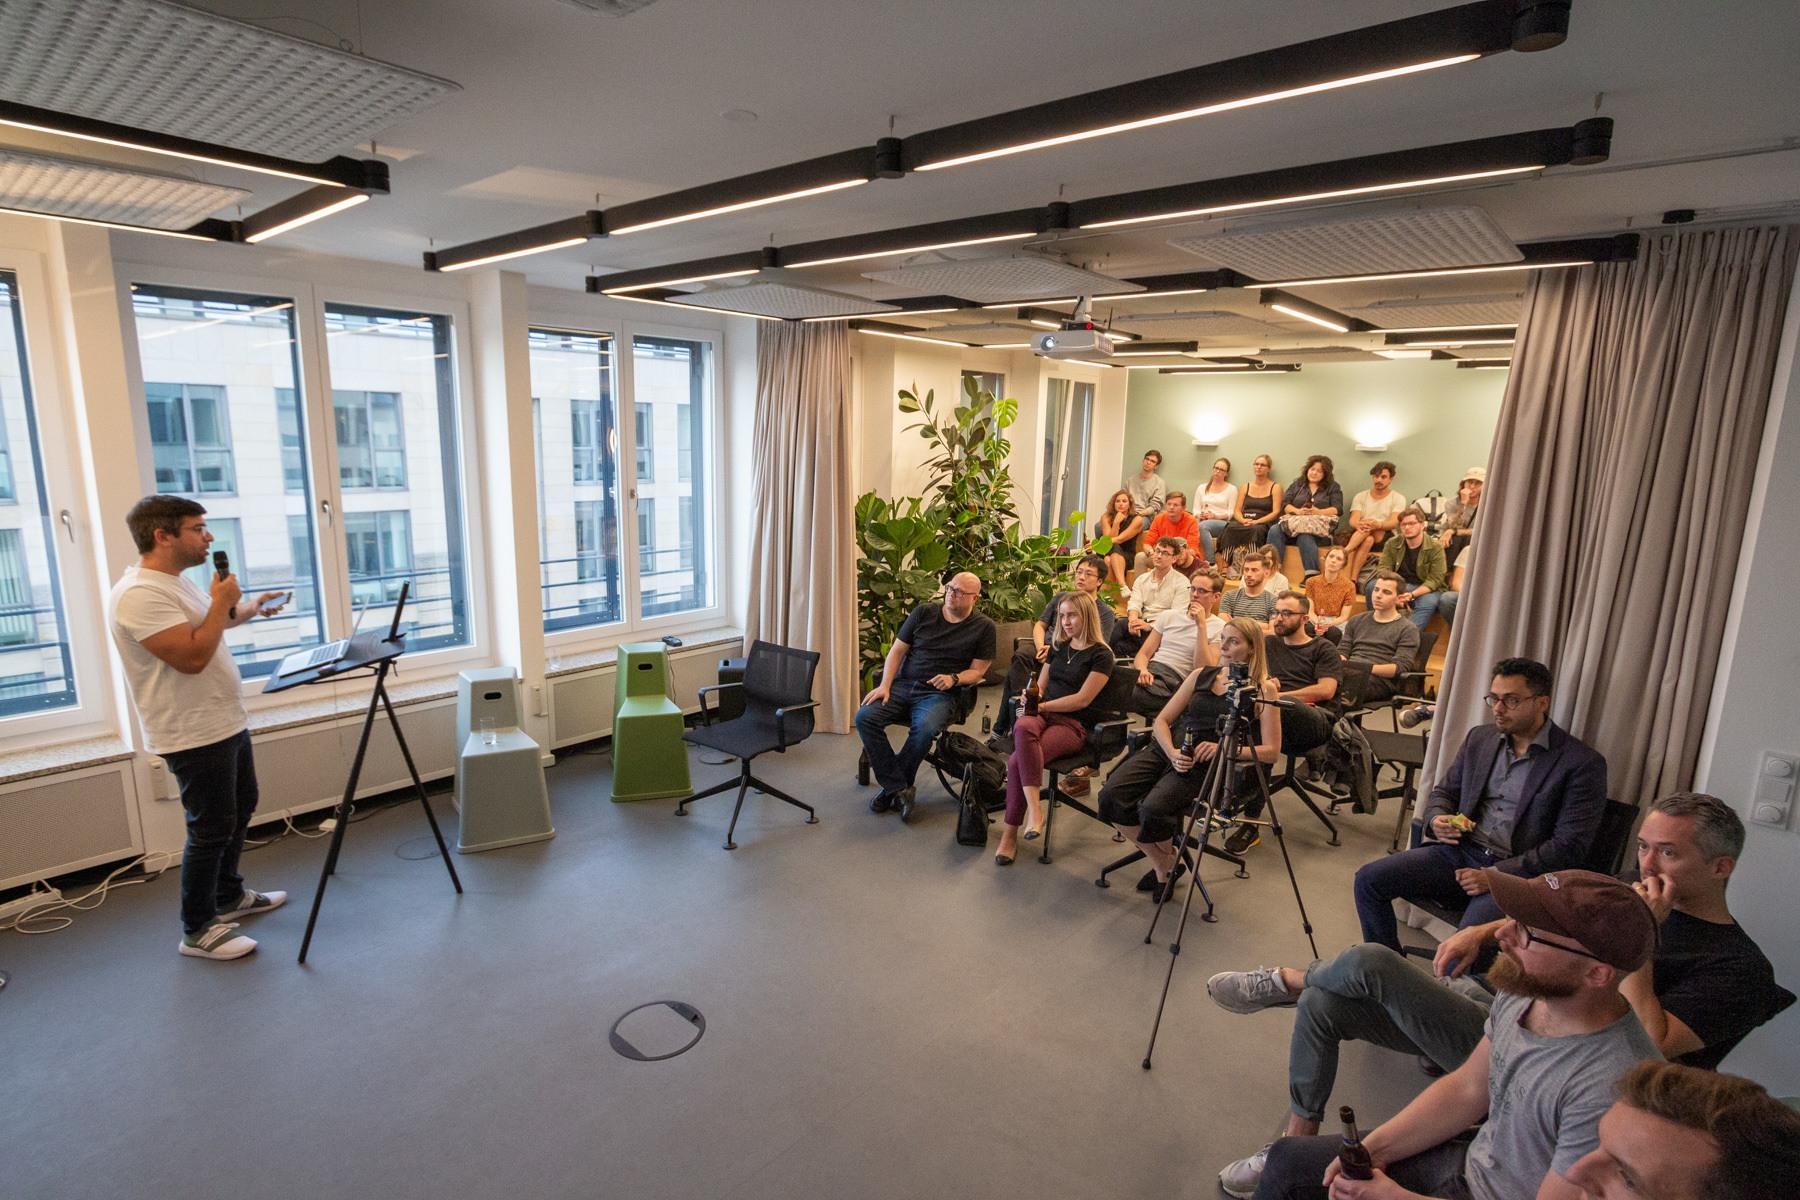 Speaker und Auditorium beim 8. Digitale Leute Meetup in Berlin bei Piabo PR.